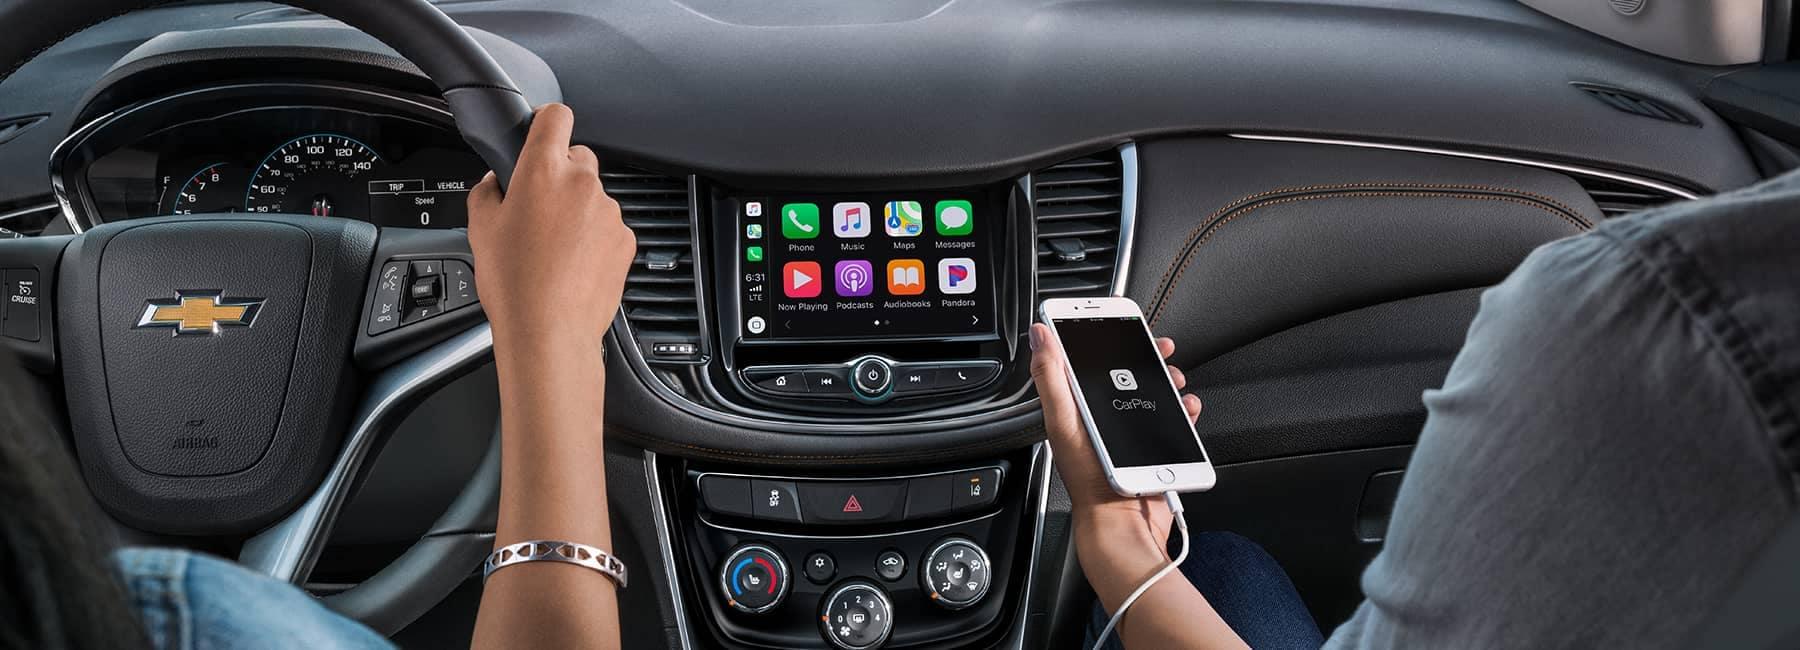 2020 Chevrolet Trax Interior Dashboard_mobile